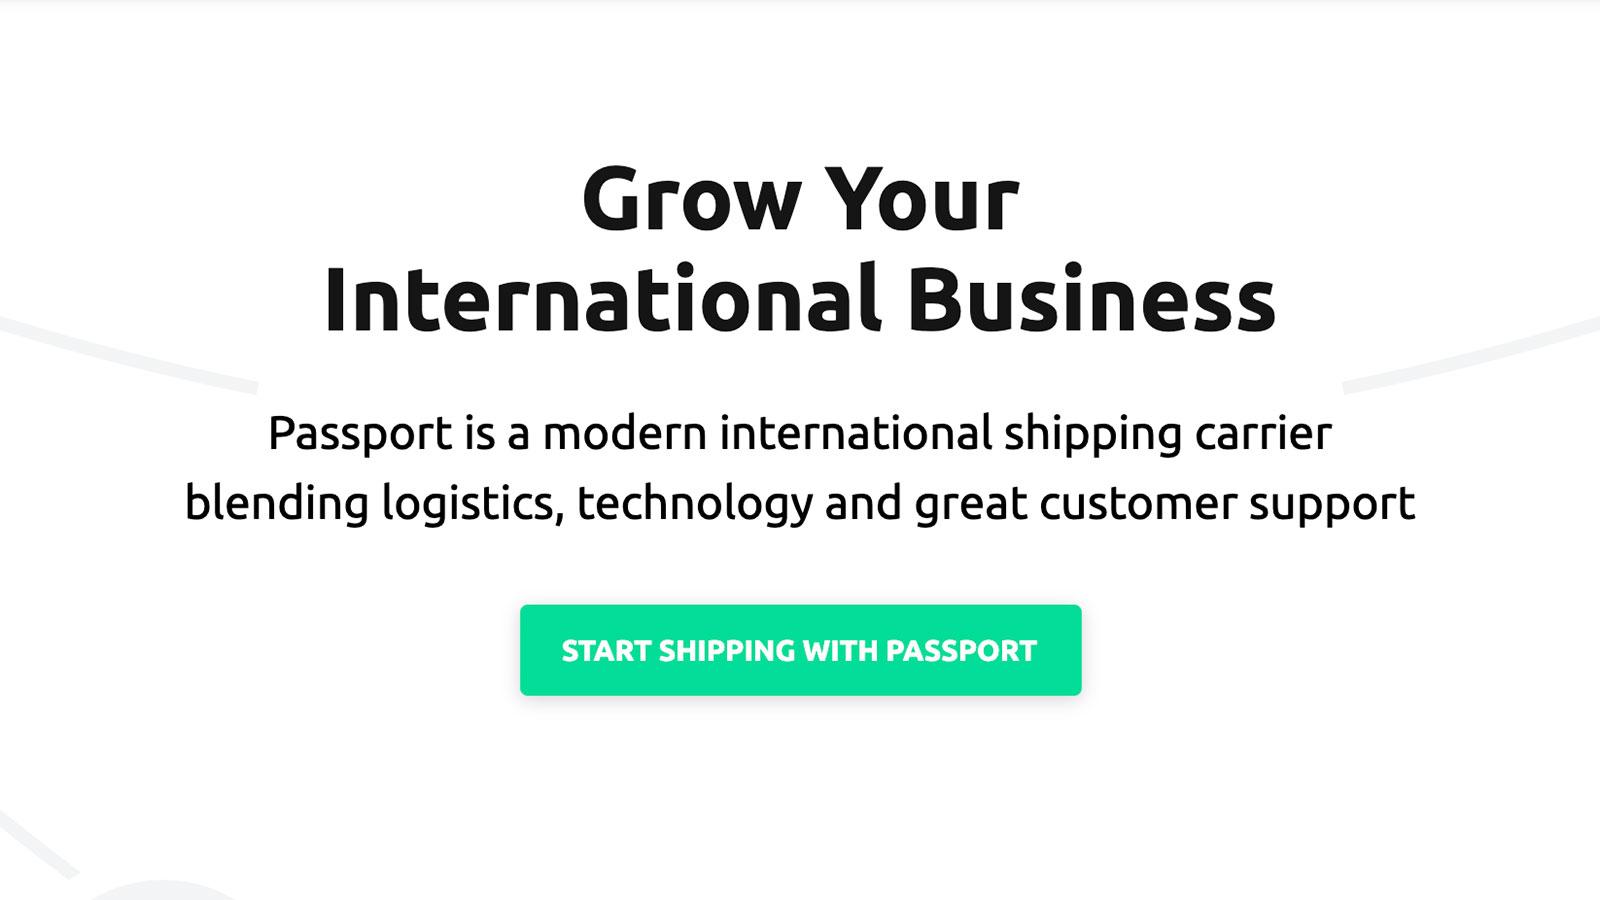 世界中への配送をスムーズにするPassport